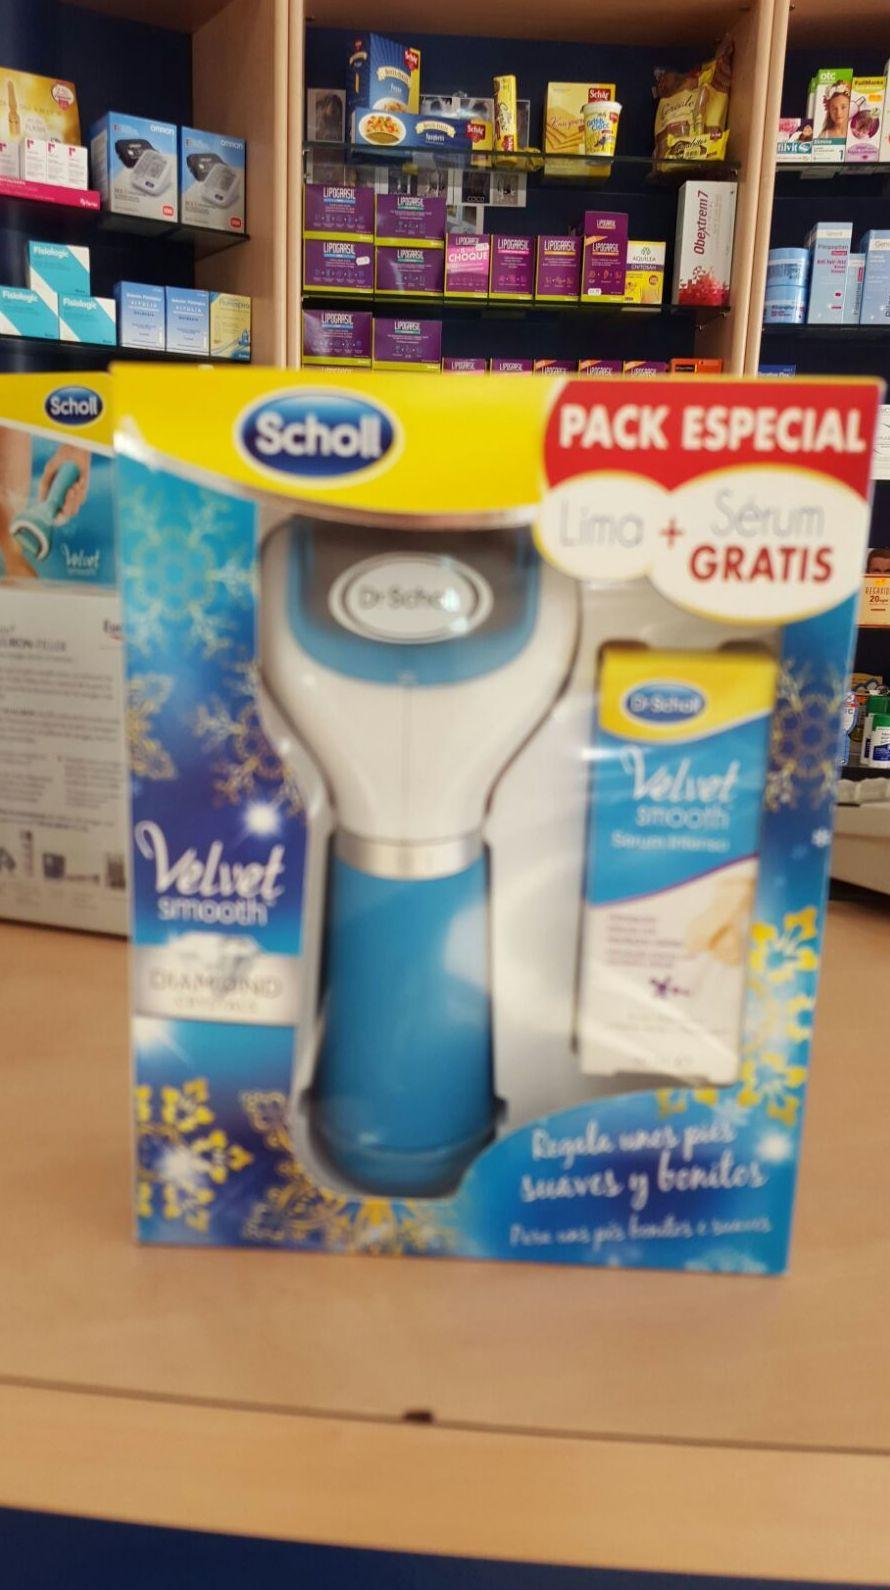 Dr. Scholl Pack Velvet Smooth Lima Electrónica + Sérum intenso : Productos y Promociones de Farmacia Lucía